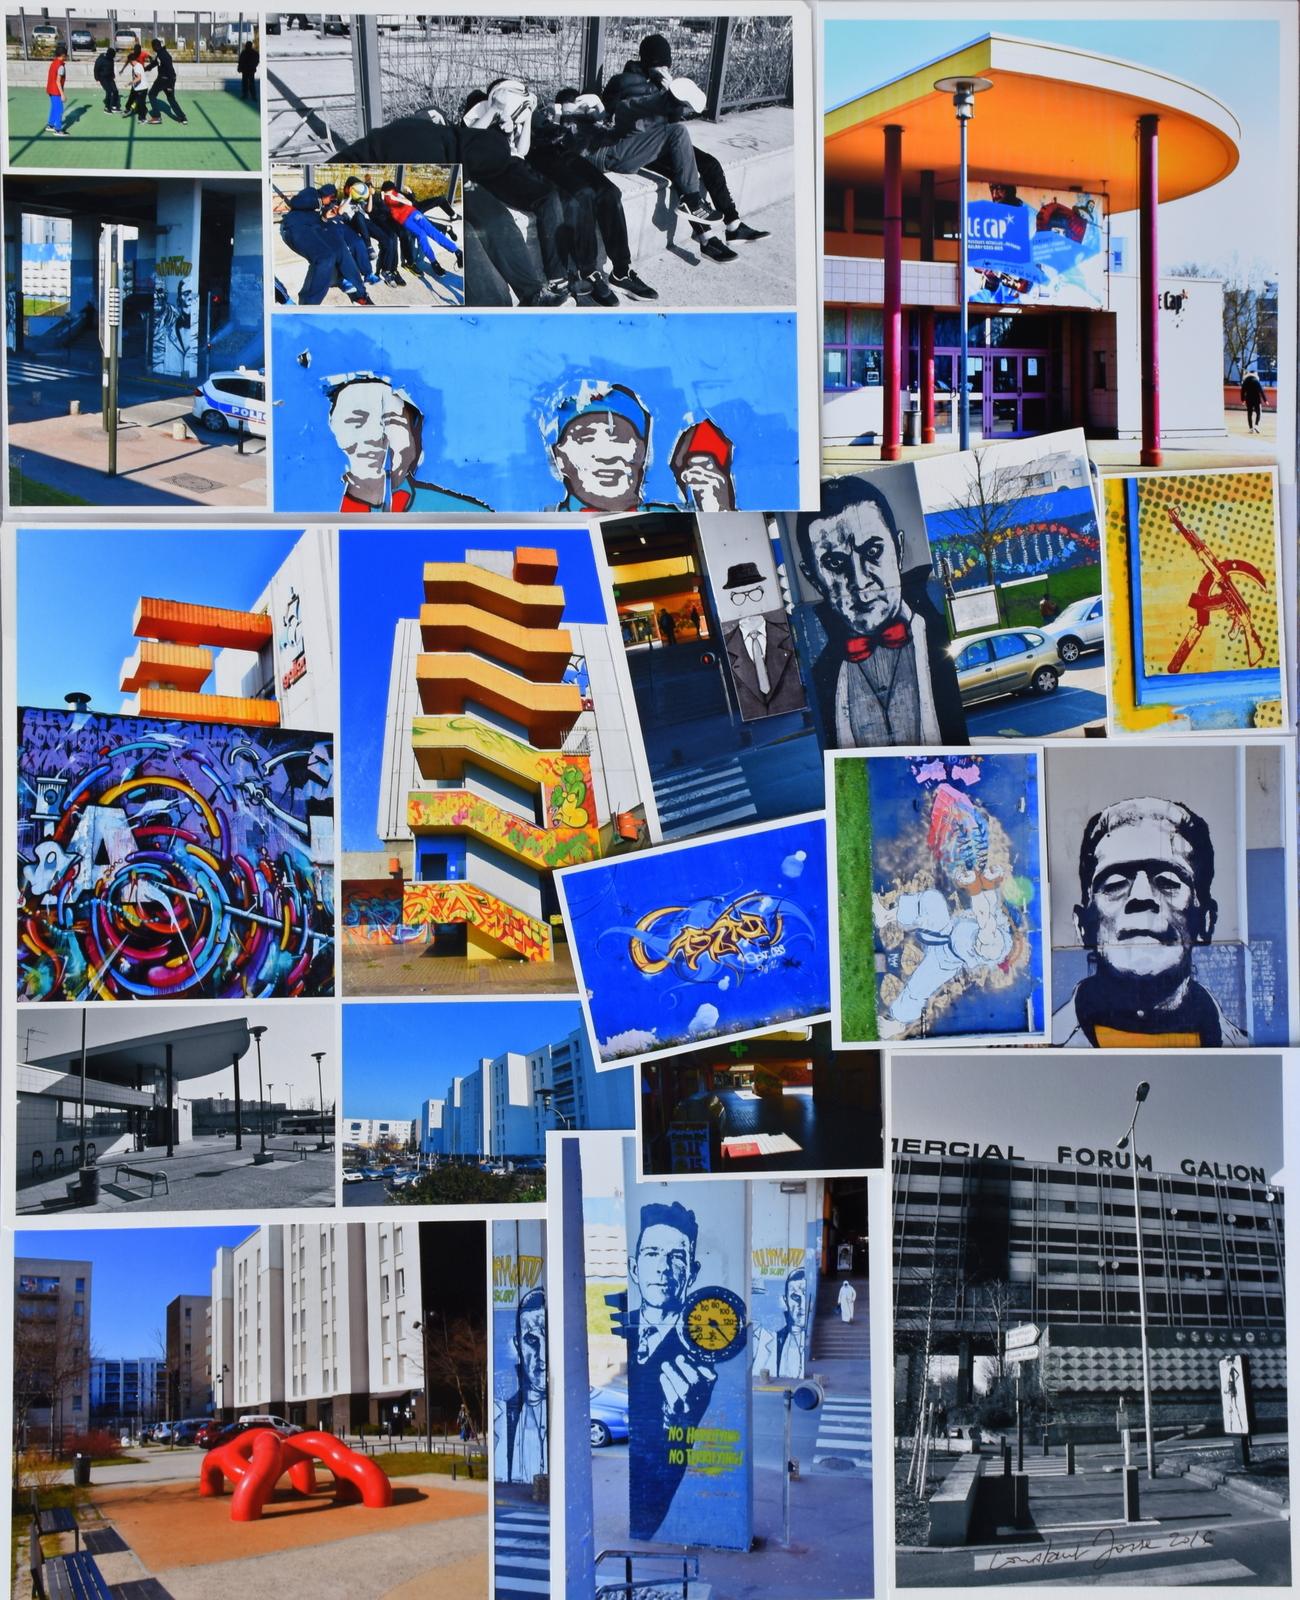 Les grafs postals- Montage photos - Constant JOSSE